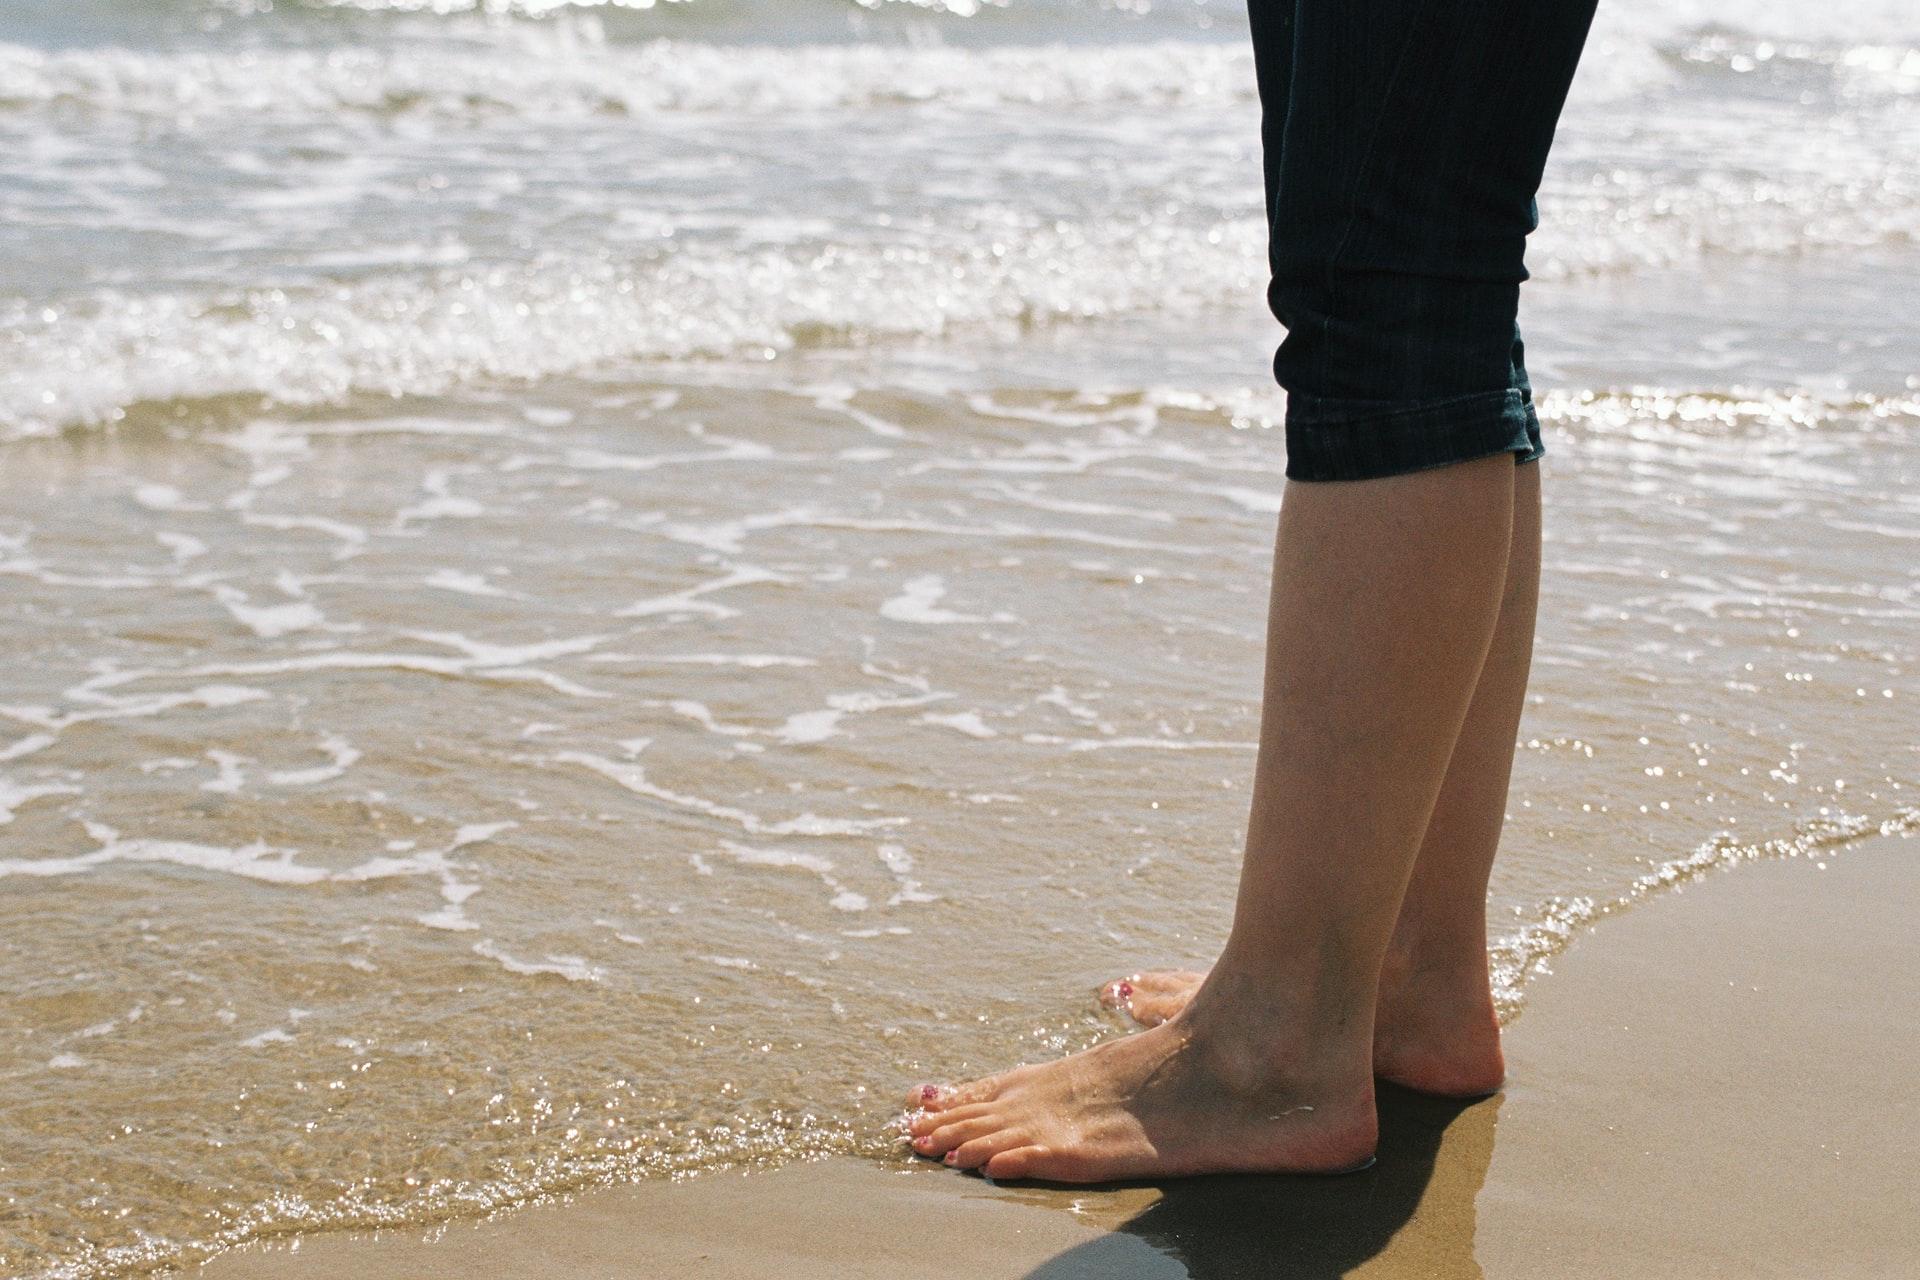 Réflexologie plantaire et relaxation : 4 astuces pour chouchouter vos pieds